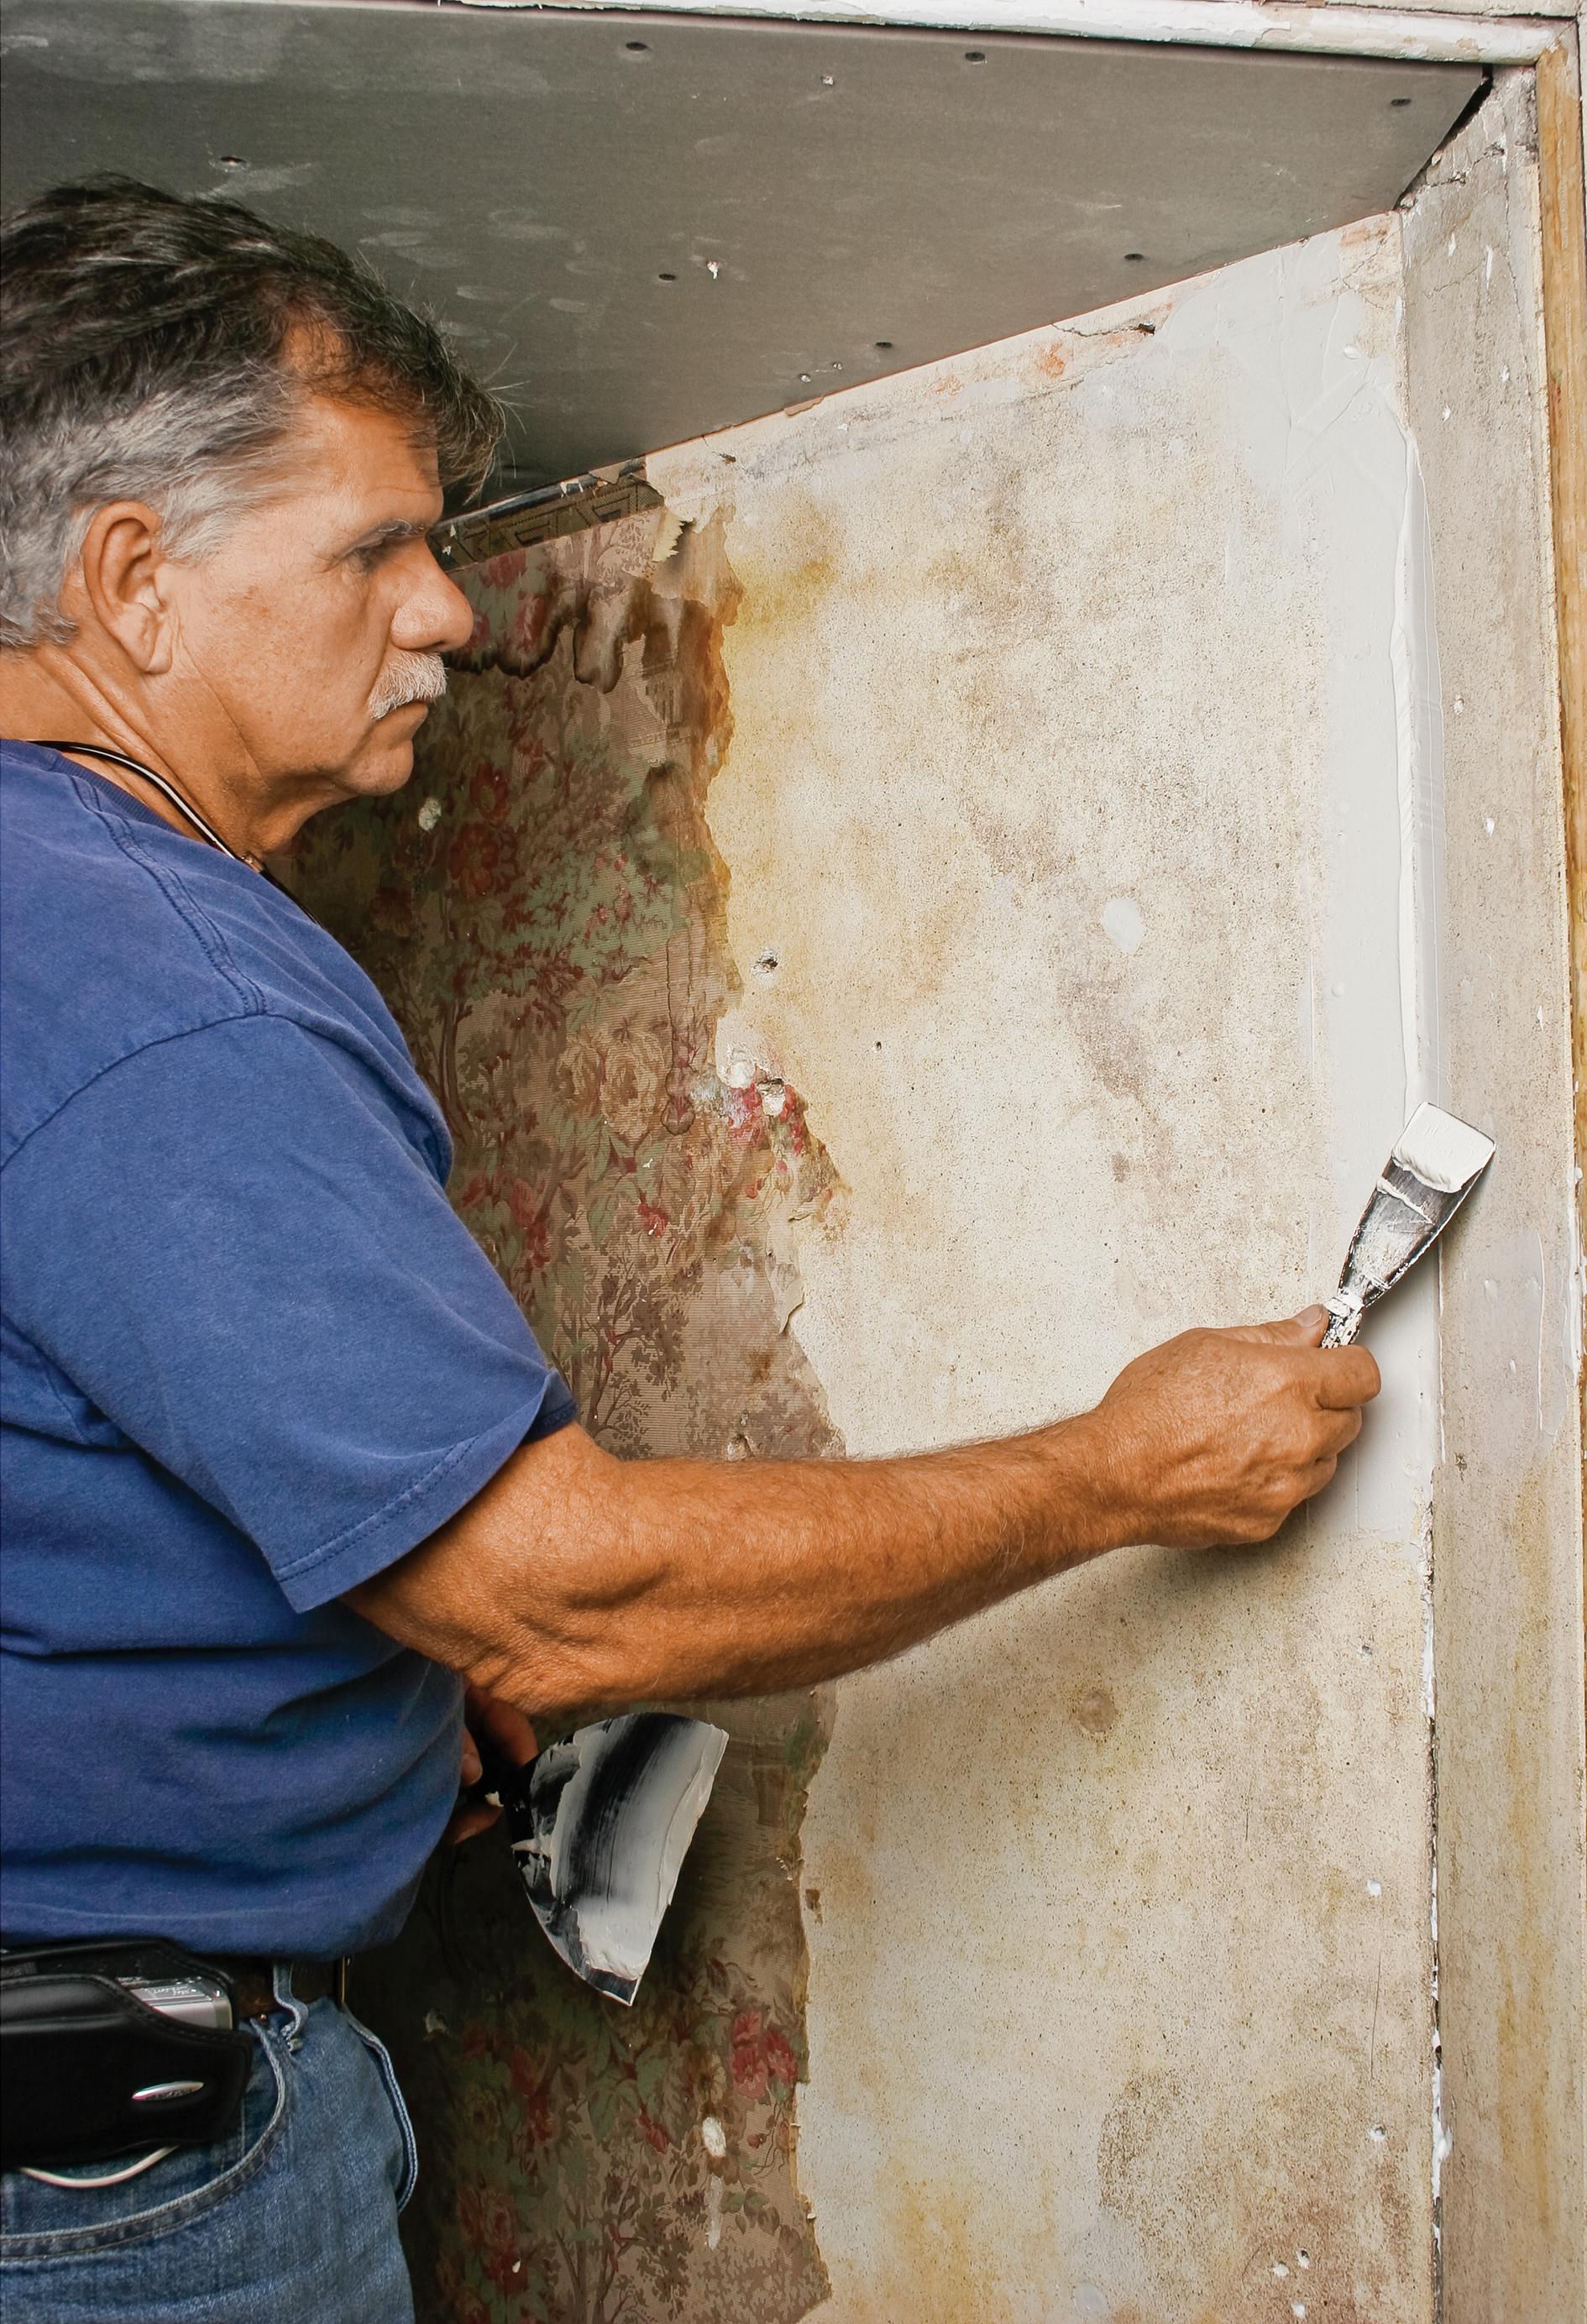 Man Repairs Crack in Plaster Wall